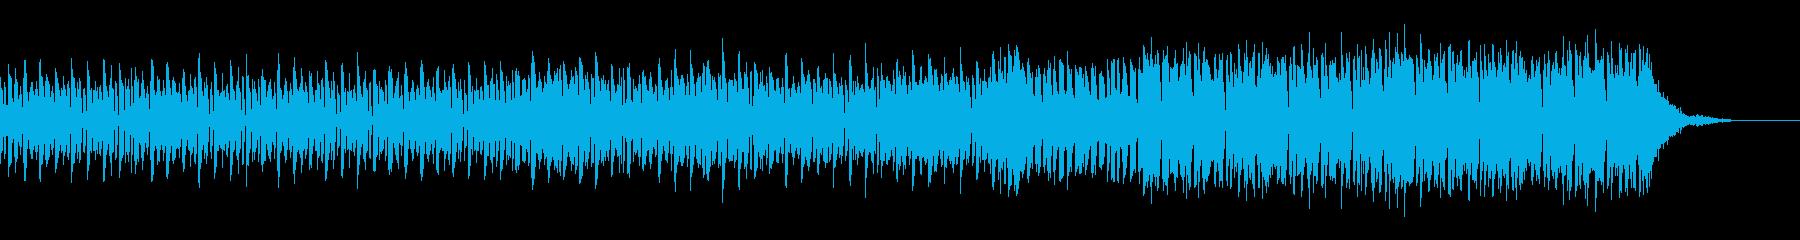 機械の説明をする時のハウスミュージックの再生済みの波形